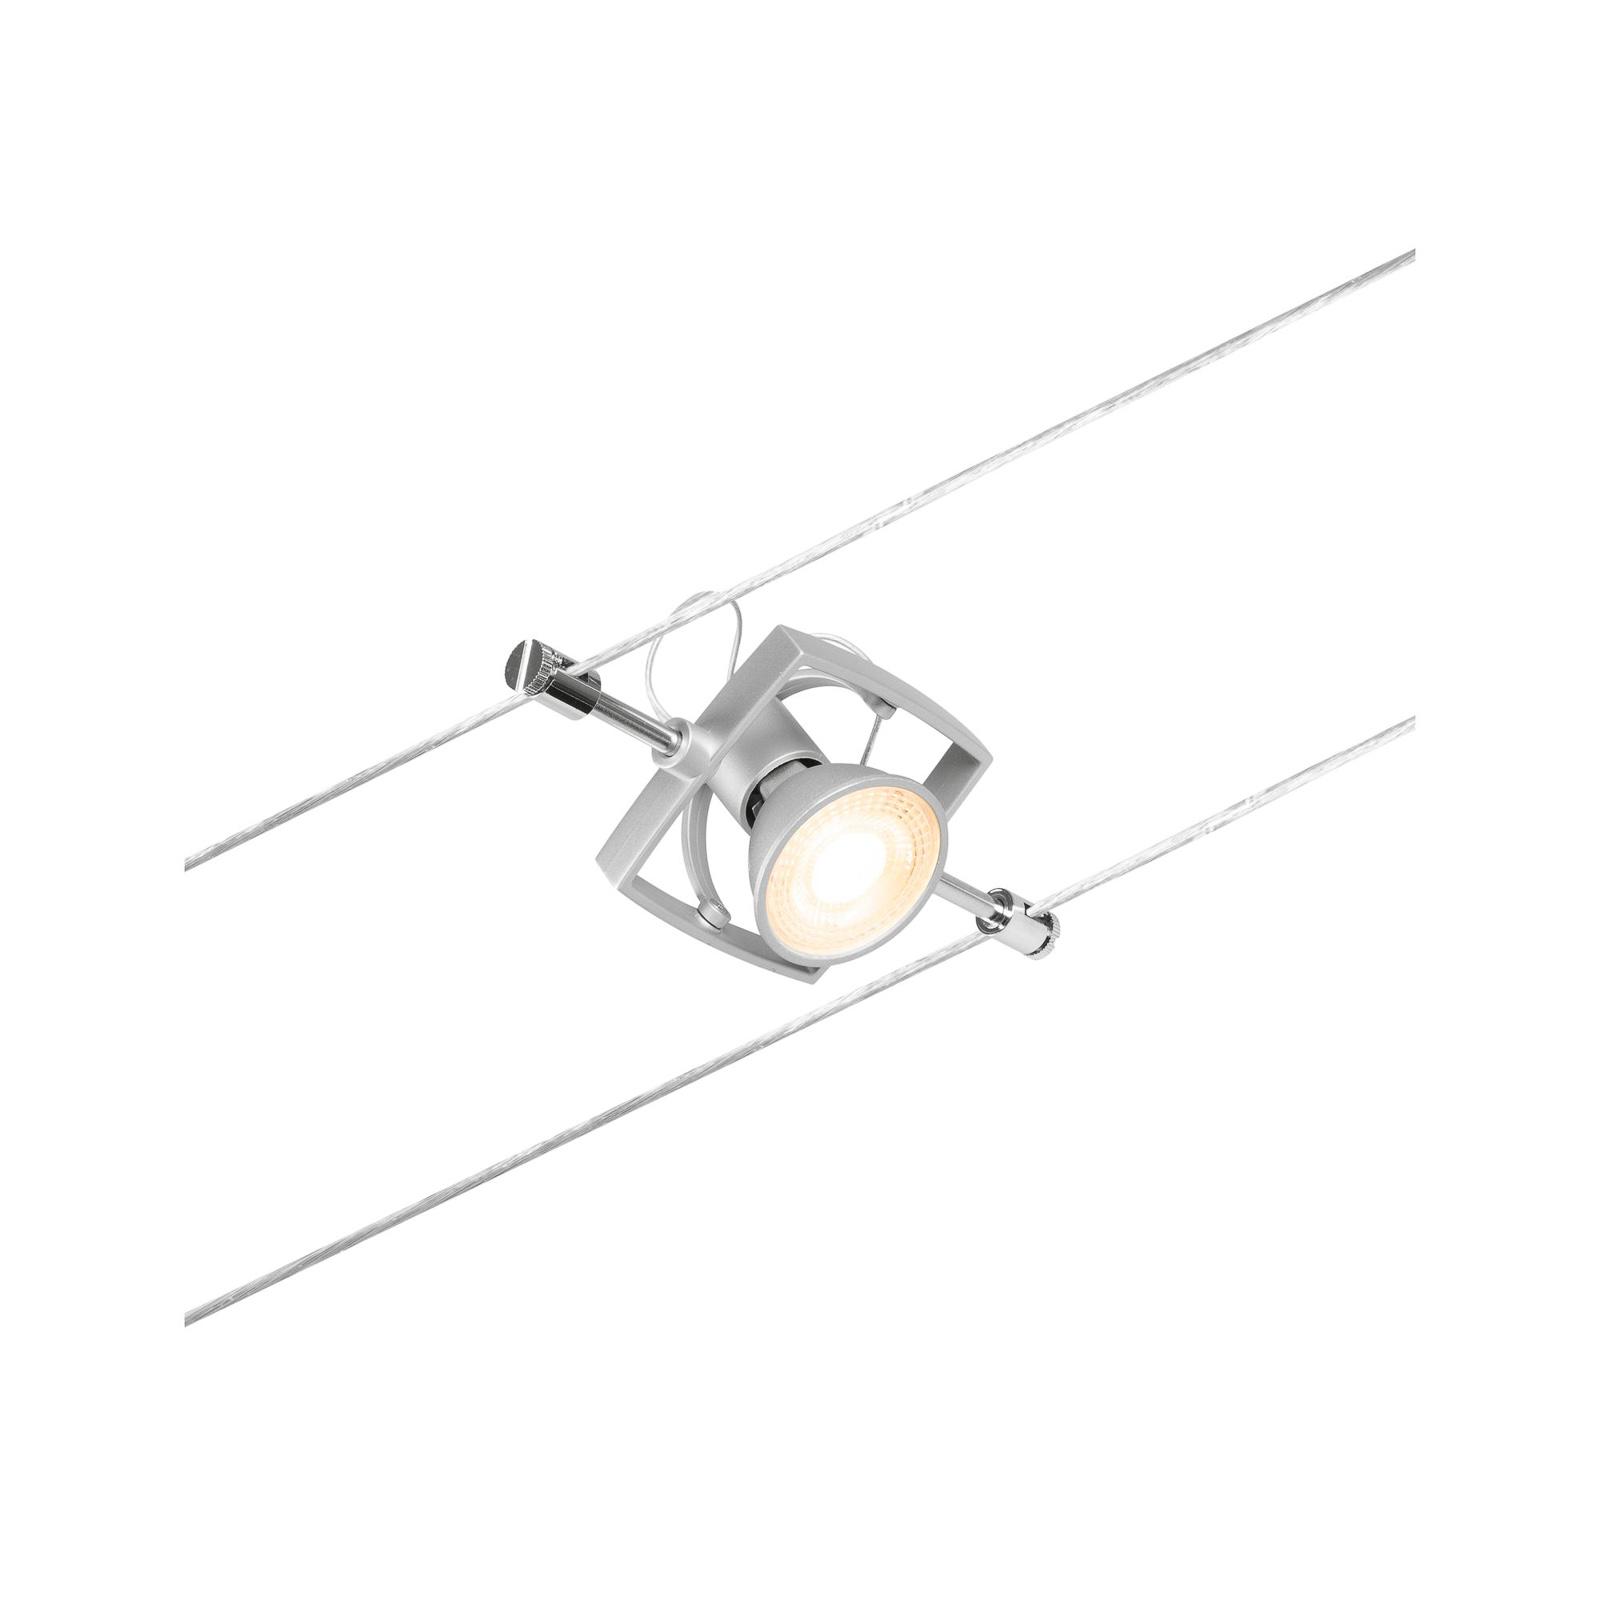 Paulmann Wire Mac II foco de luz sobre cable cromo